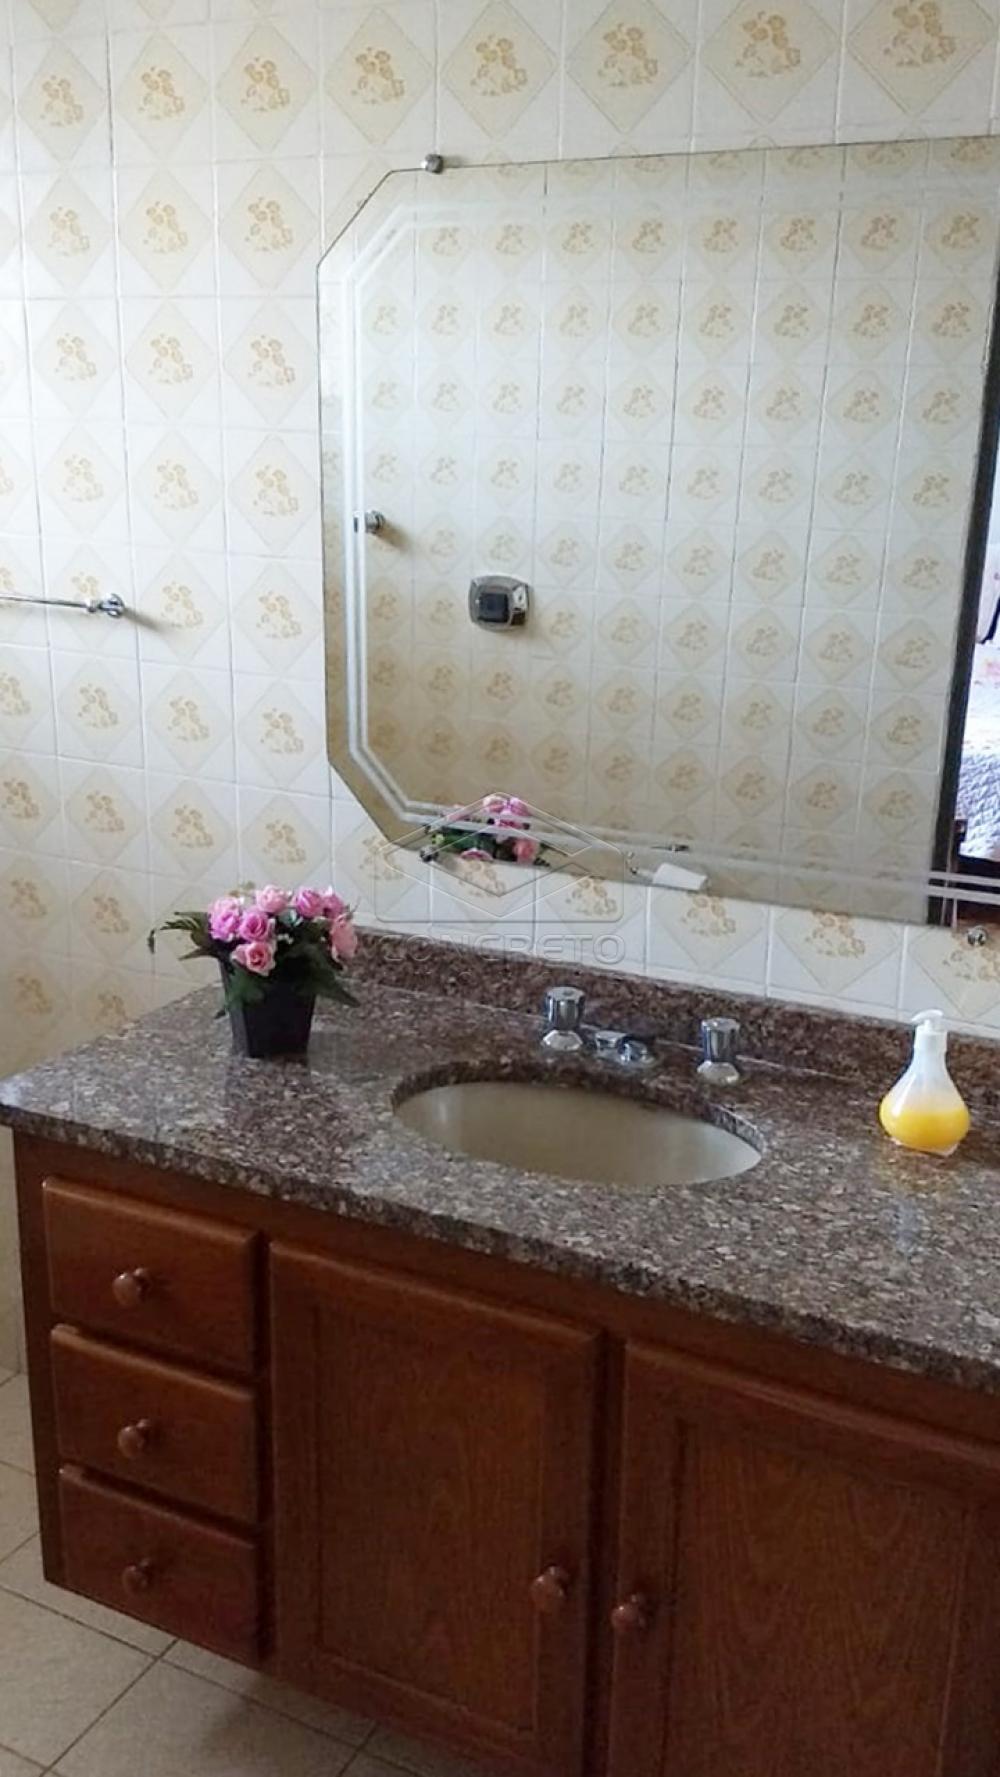 Comprar Casa / Residencia em Jaú apenas R$ 305.000,00 - Foto 11